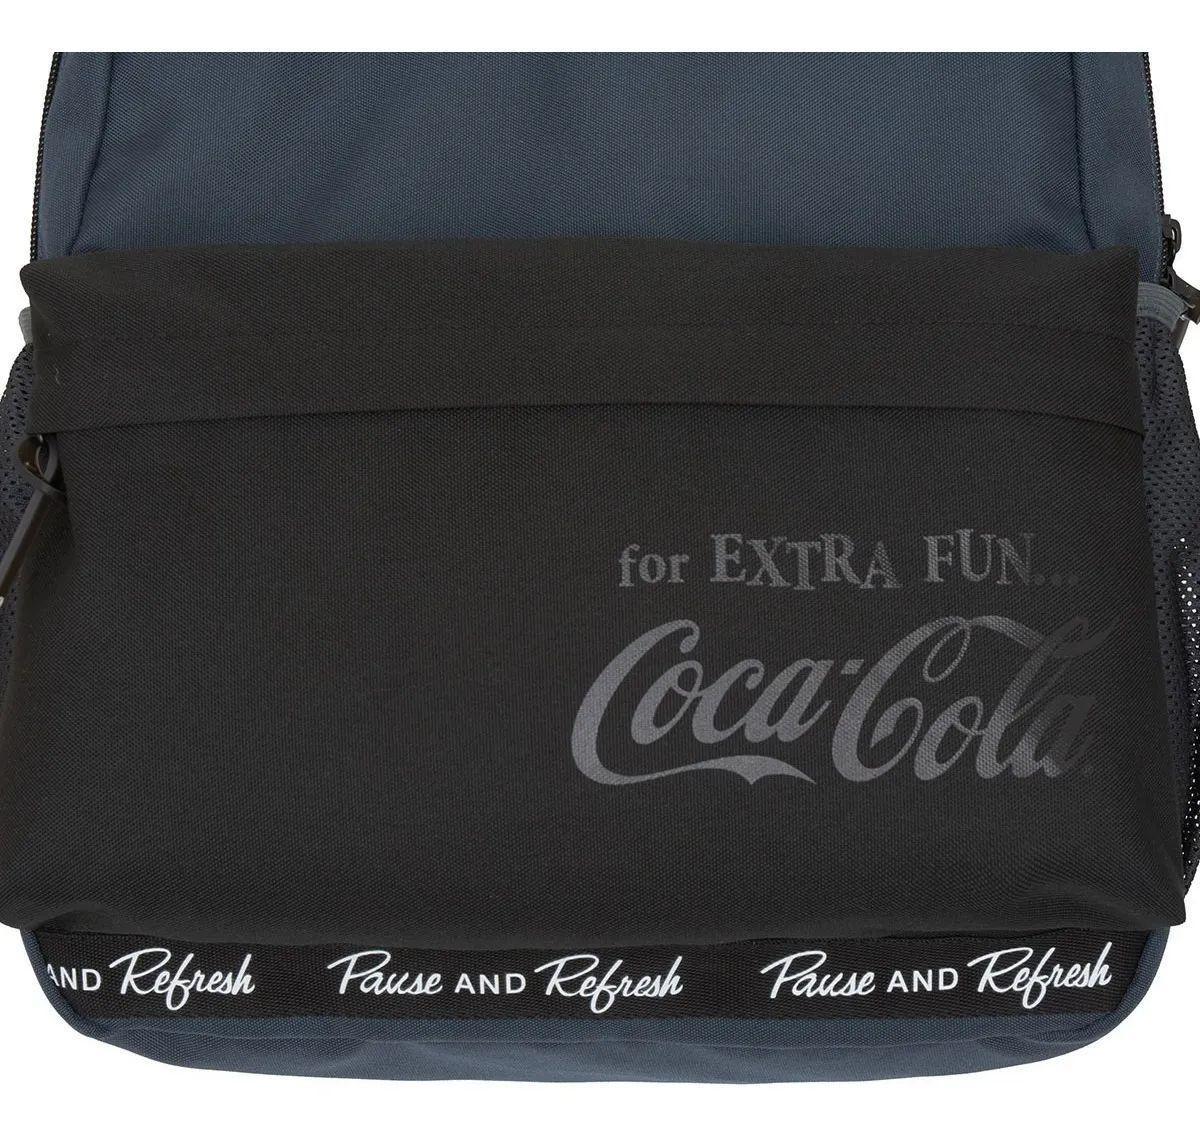 Kit Mochila Costas Coca Cola Flat + Estojo Original Cor:Preto